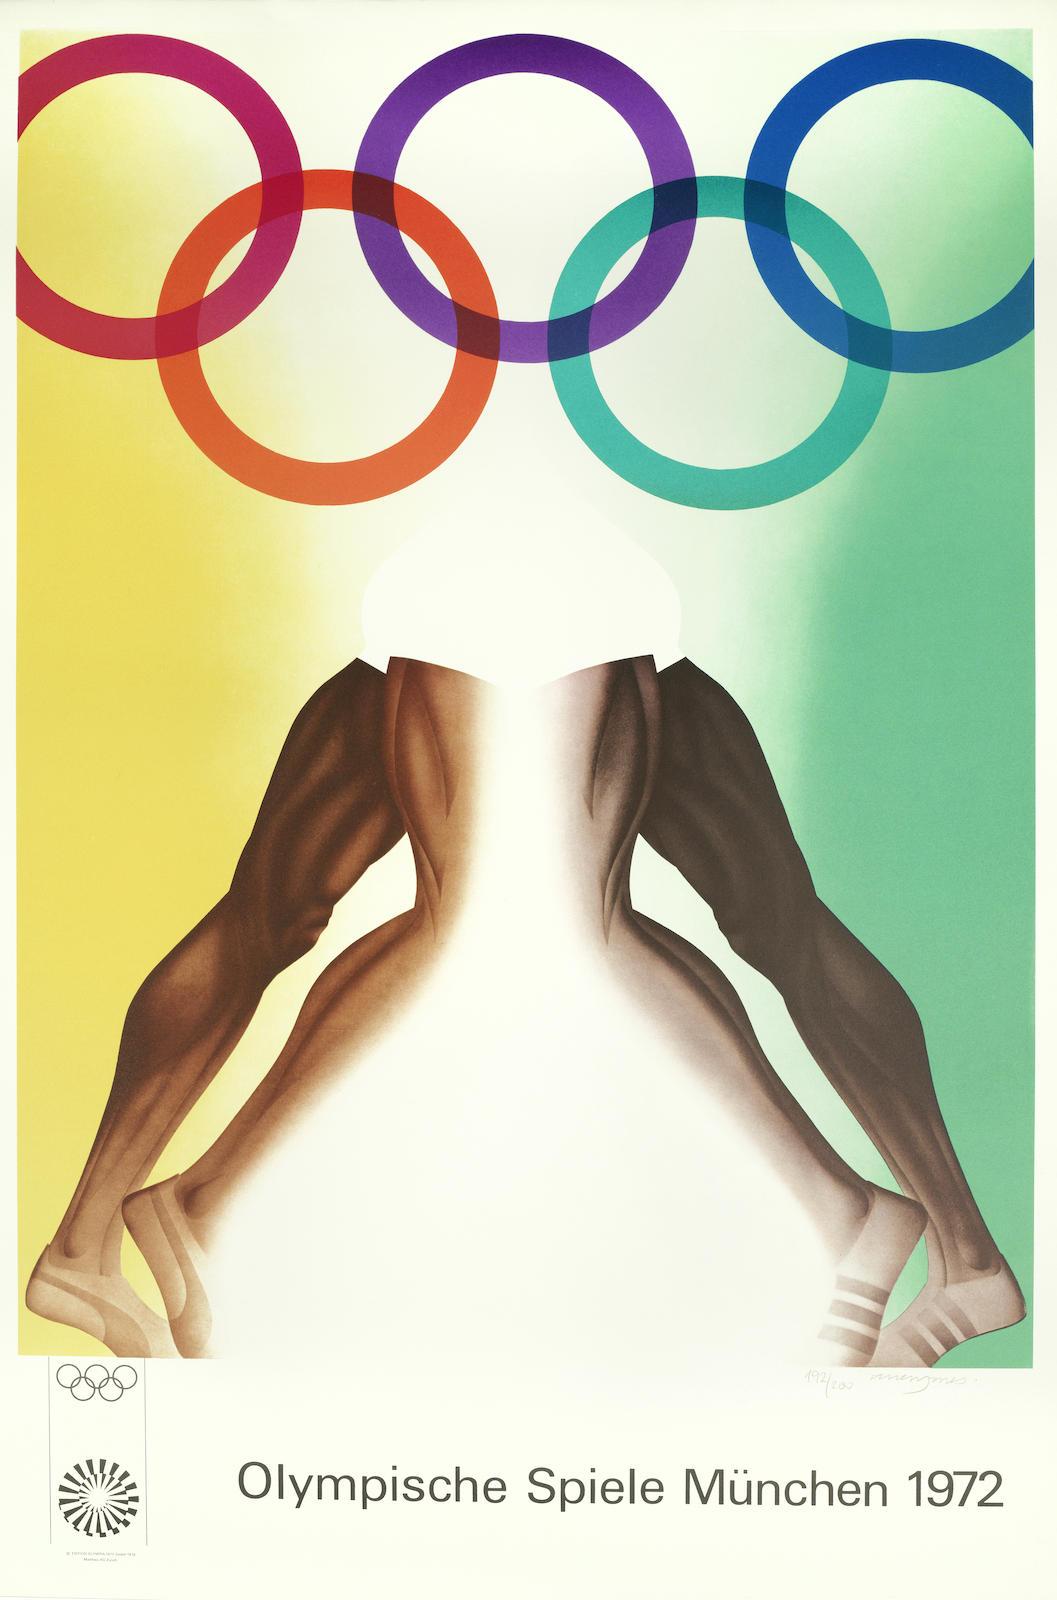 Allen Jones-Olympische Spiele Munchen 1972-1970